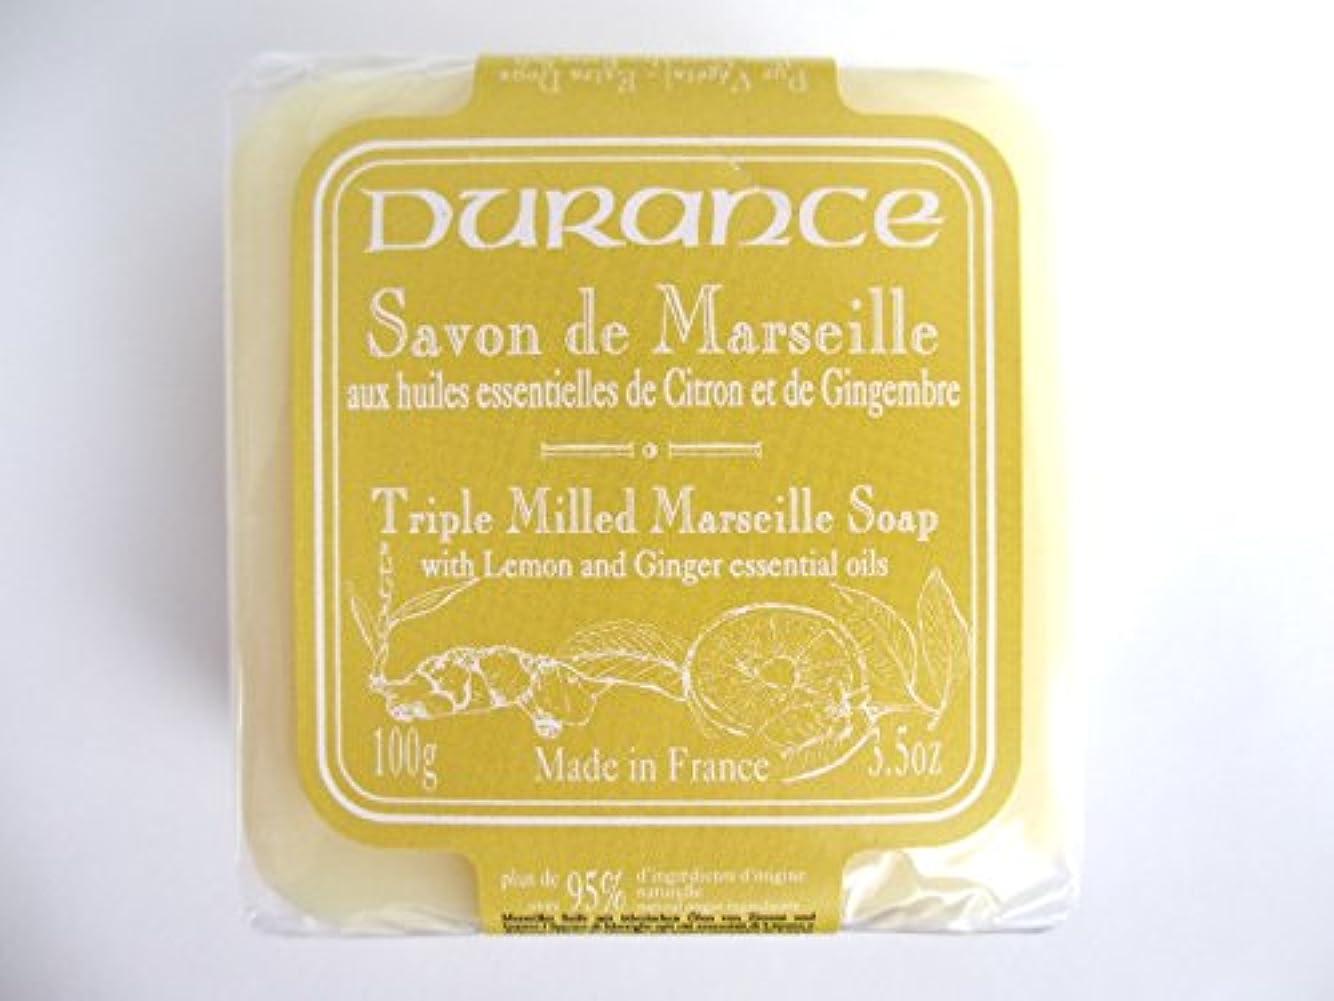 純粋に一貫性のない実際にデュランス 【マルセイユソープ】 レモンジンジャー 固形 100g 95%以上 天然成分 洗顔 全身